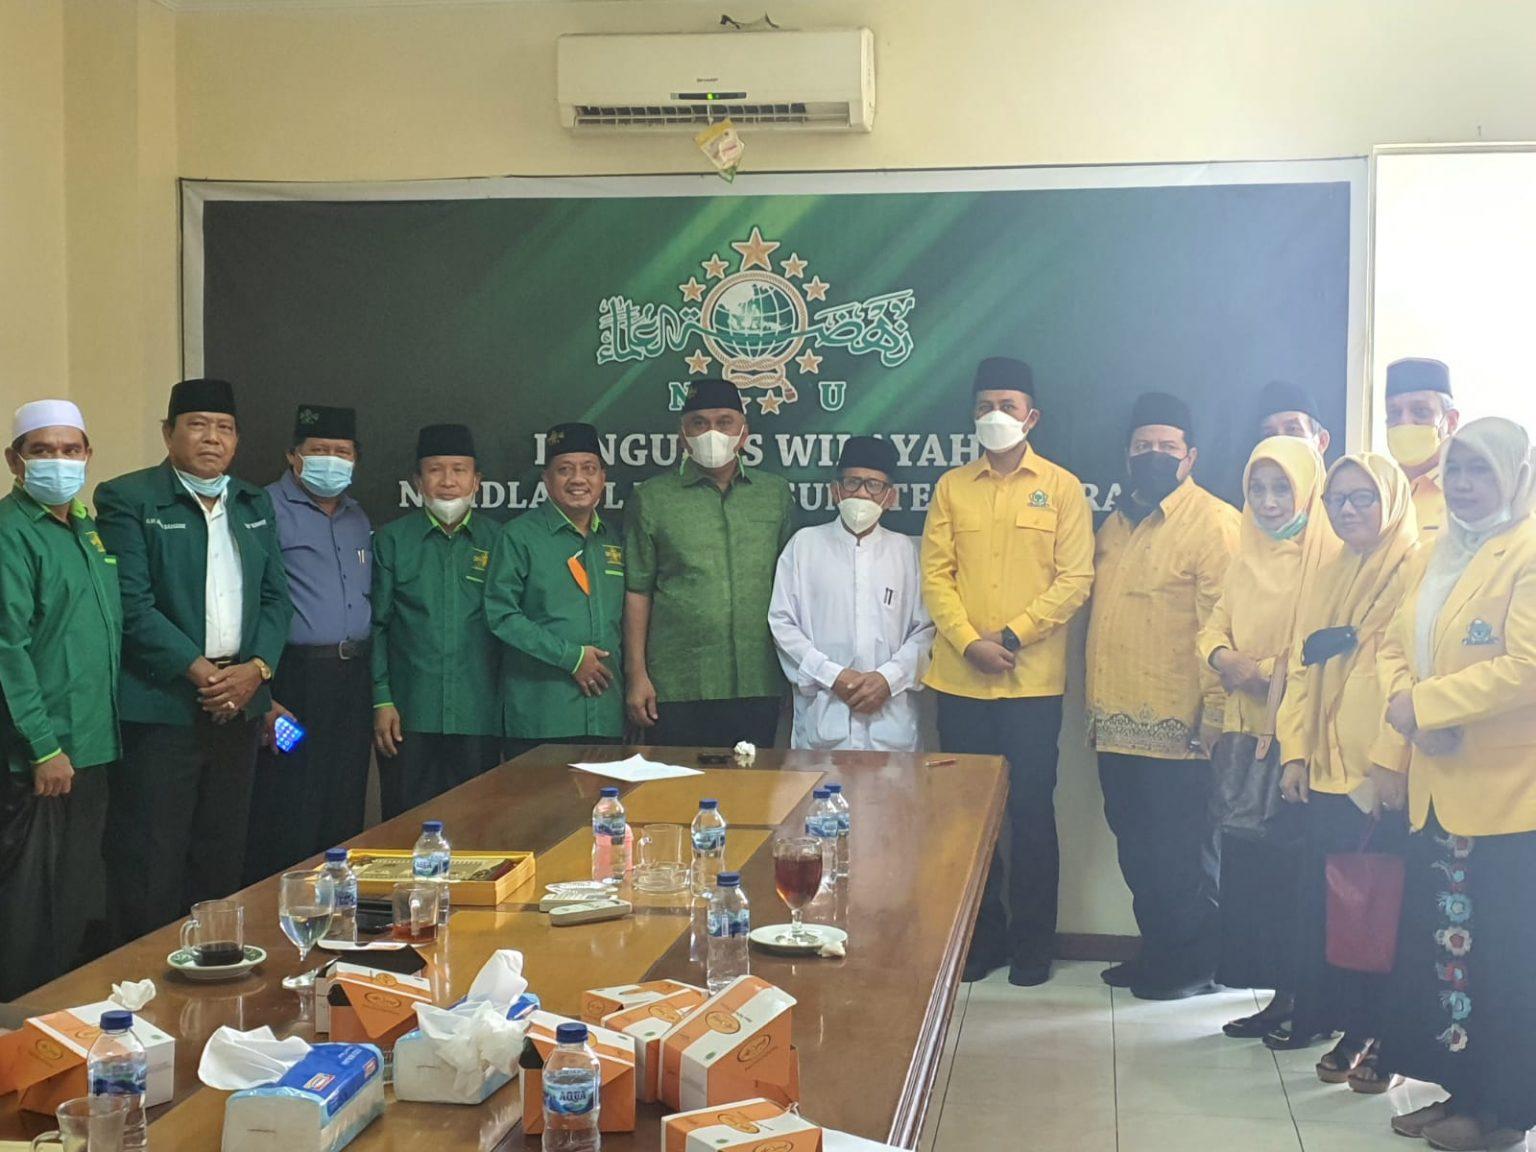 Ingin Golkar Sumut Dibimbing Ulama, Musa Rajekshah Sambangi PW NU dan PW Muhammadiyah